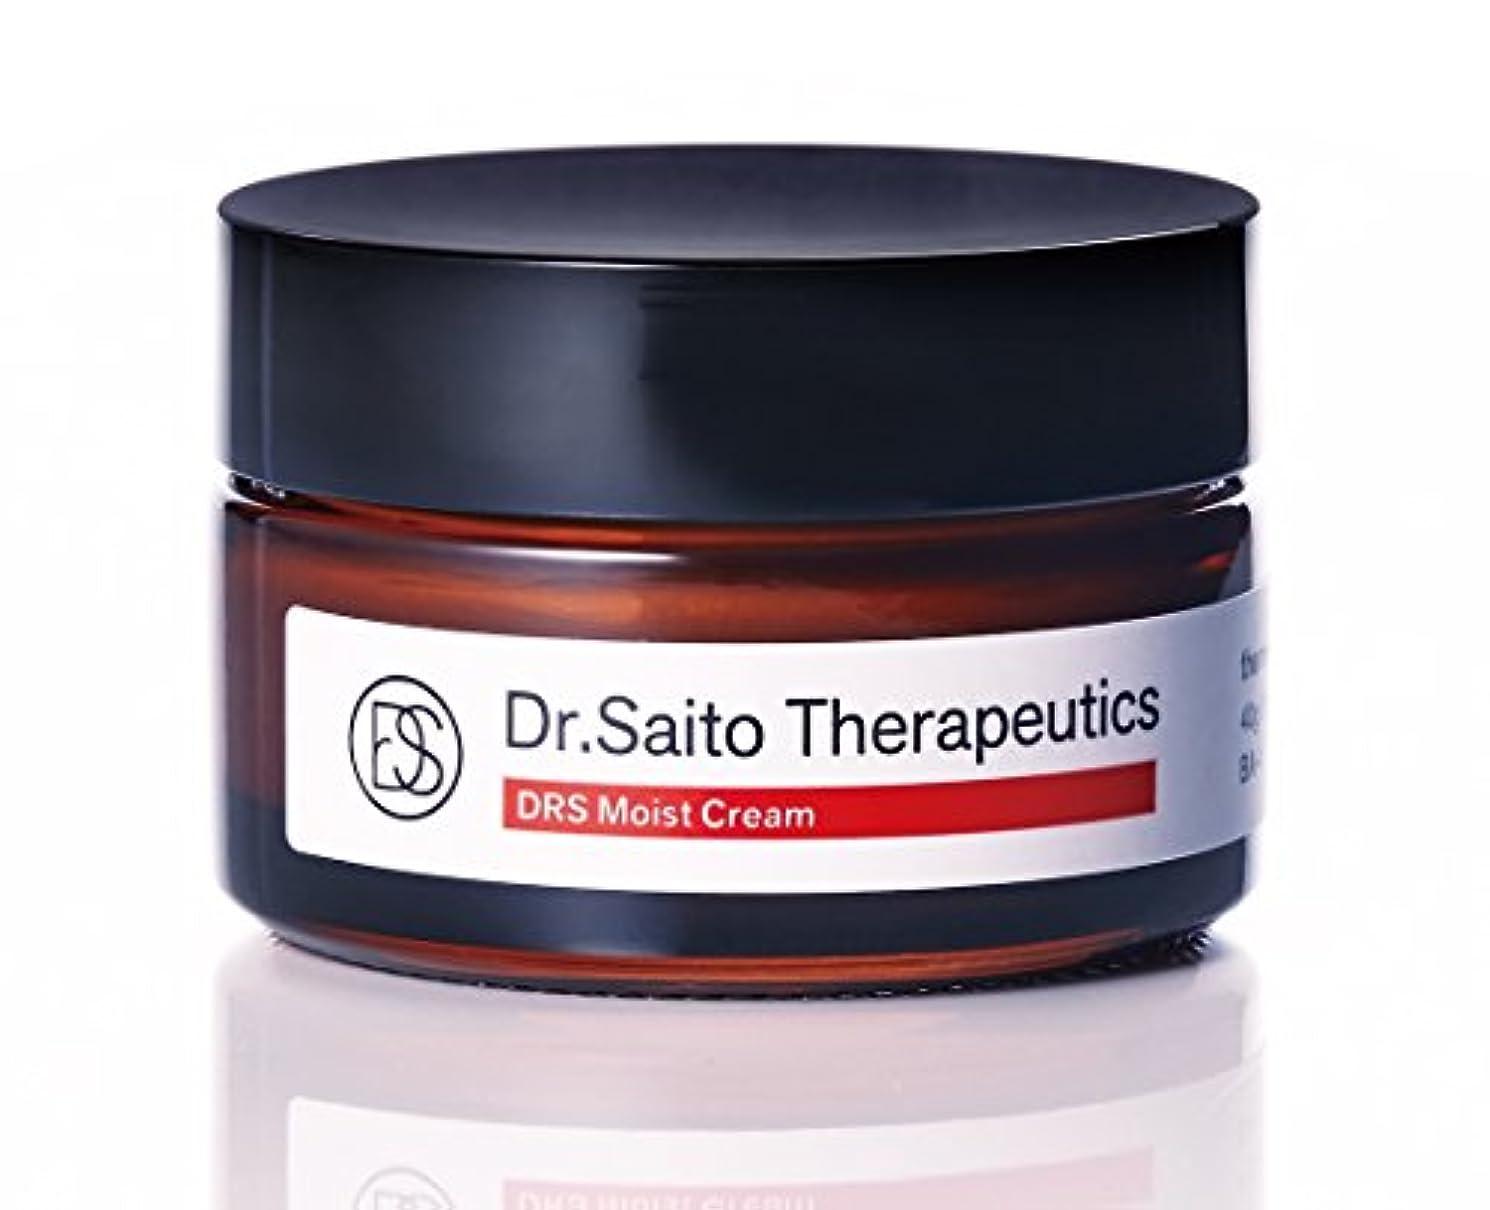 増強する擬人化冷笑する日本機能性医学研究所 Dr.Saito Therapeutics「DRS保湿クリーム」40g